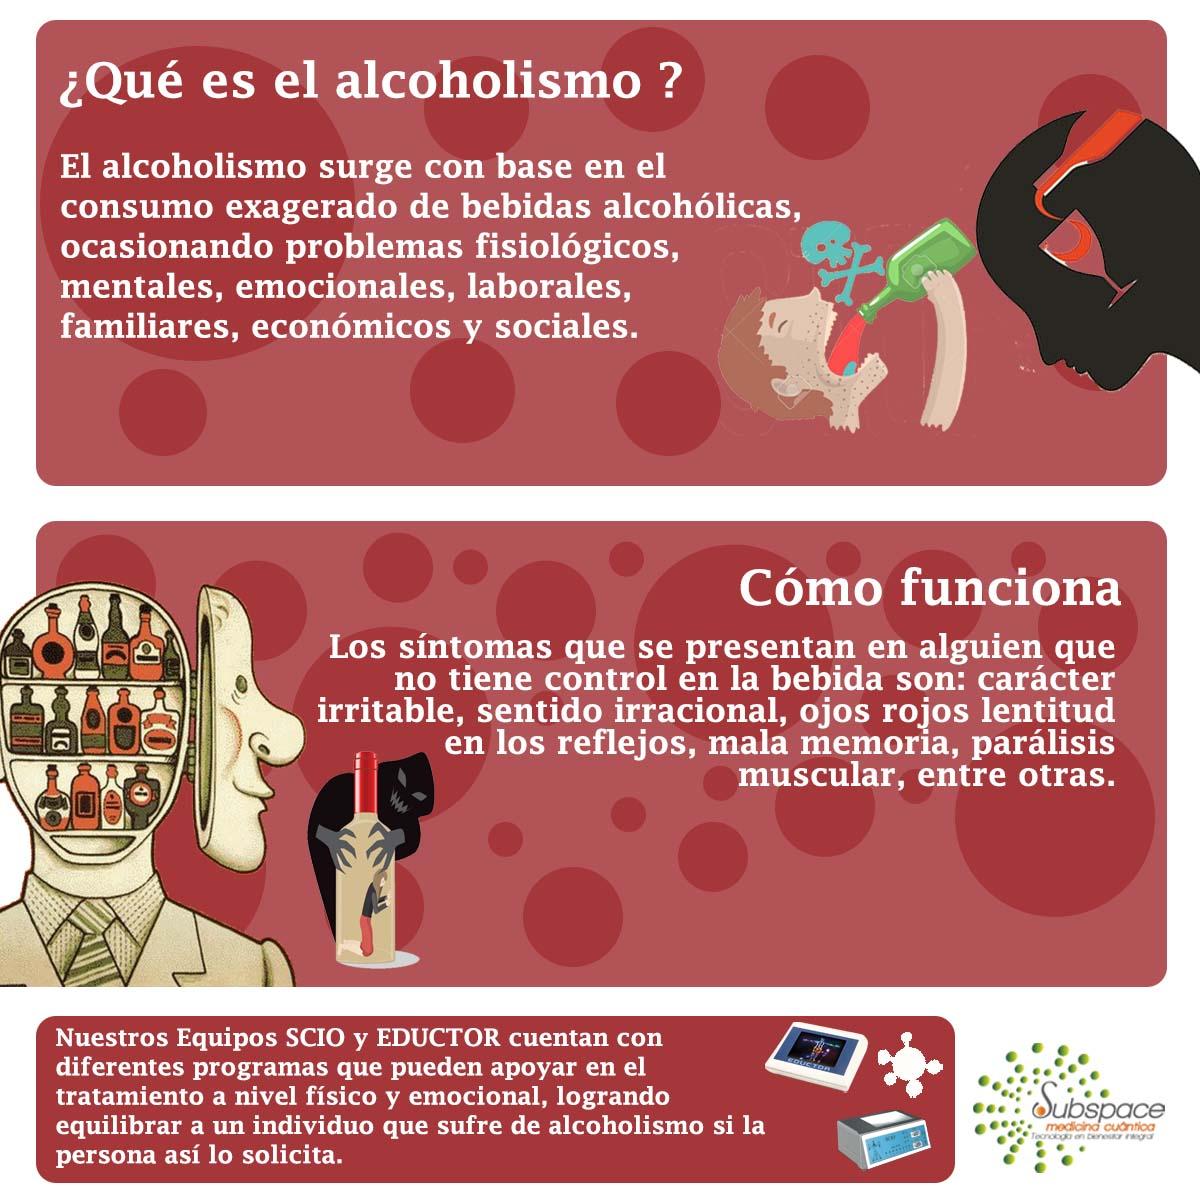 Ayuda a alguien que sufre de #alcoholismo con el equipo de #MedicinaCuántica #SCIO #EDUCTOR y aplica #quantumbalance llama 55 8232 4083   Más: https://t.co/rz5nSzKih8  #medicinaalternativa #terapeuta #terapiasalternativas #medicina #medicinanatural #healthy #coronavid19 https://t.co/kl1rvmxKXd